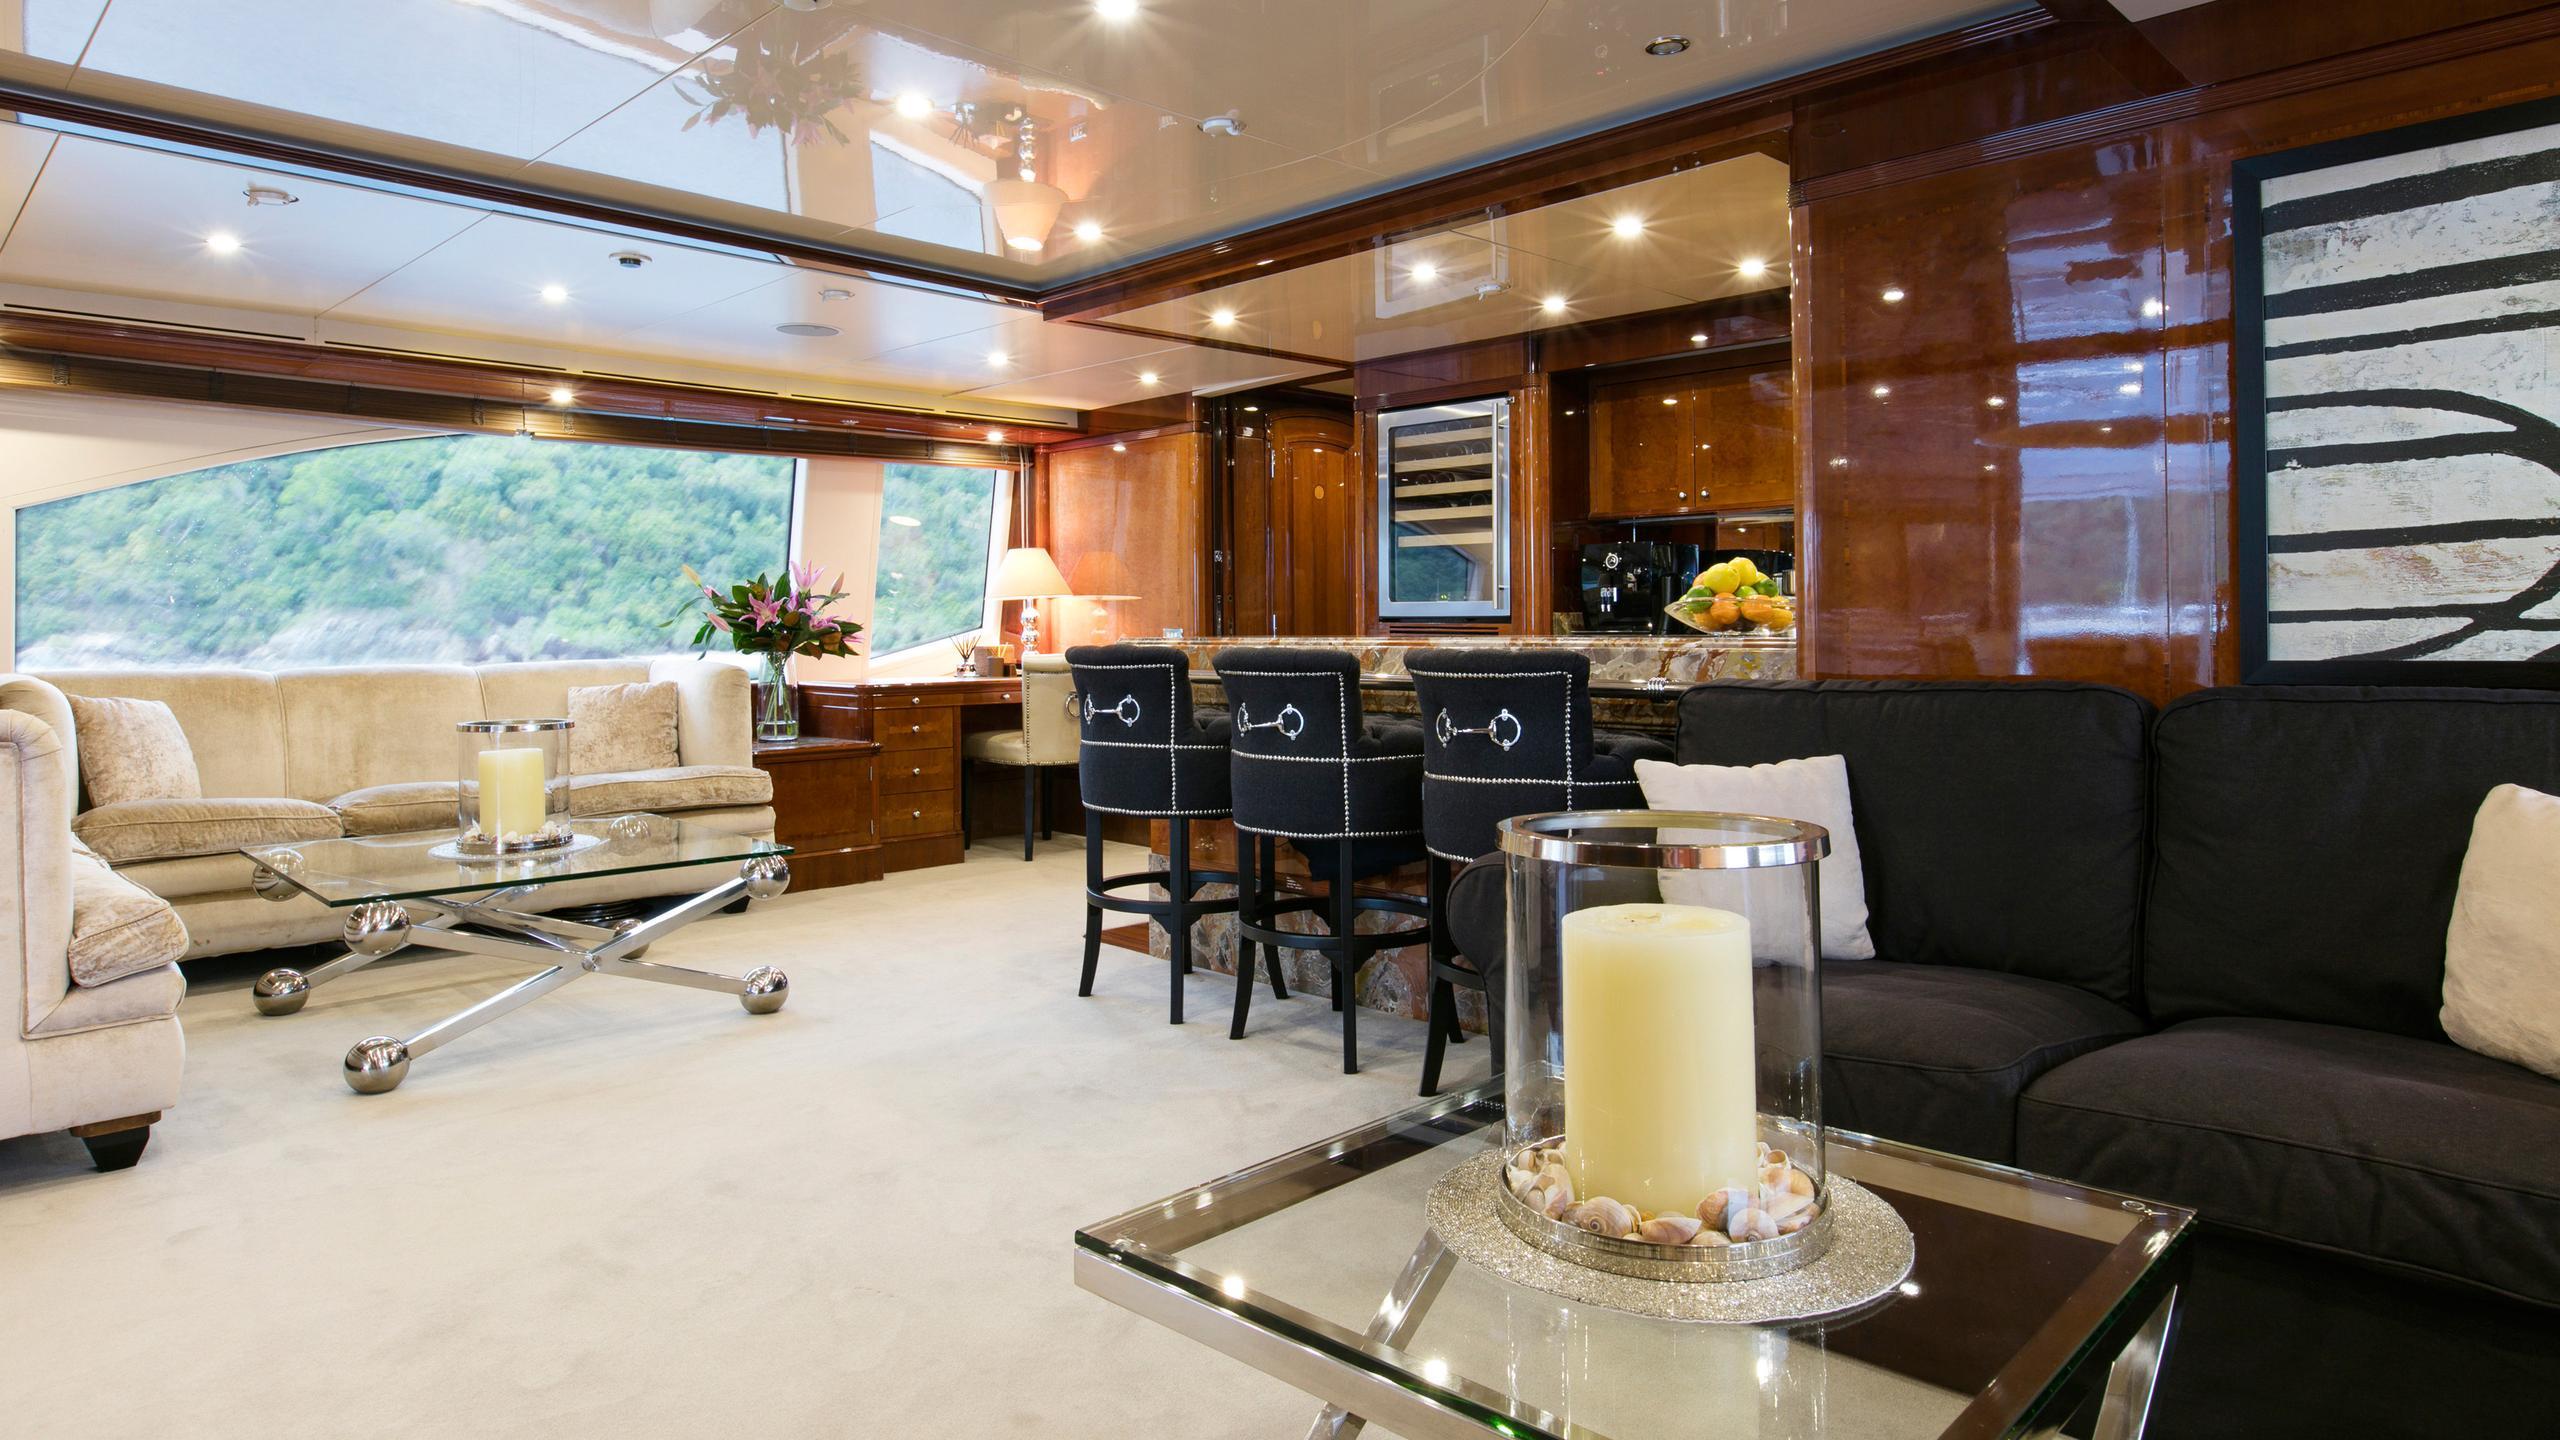 sovereign-motor-yacht-benetti-2002-44m-bar-saloon